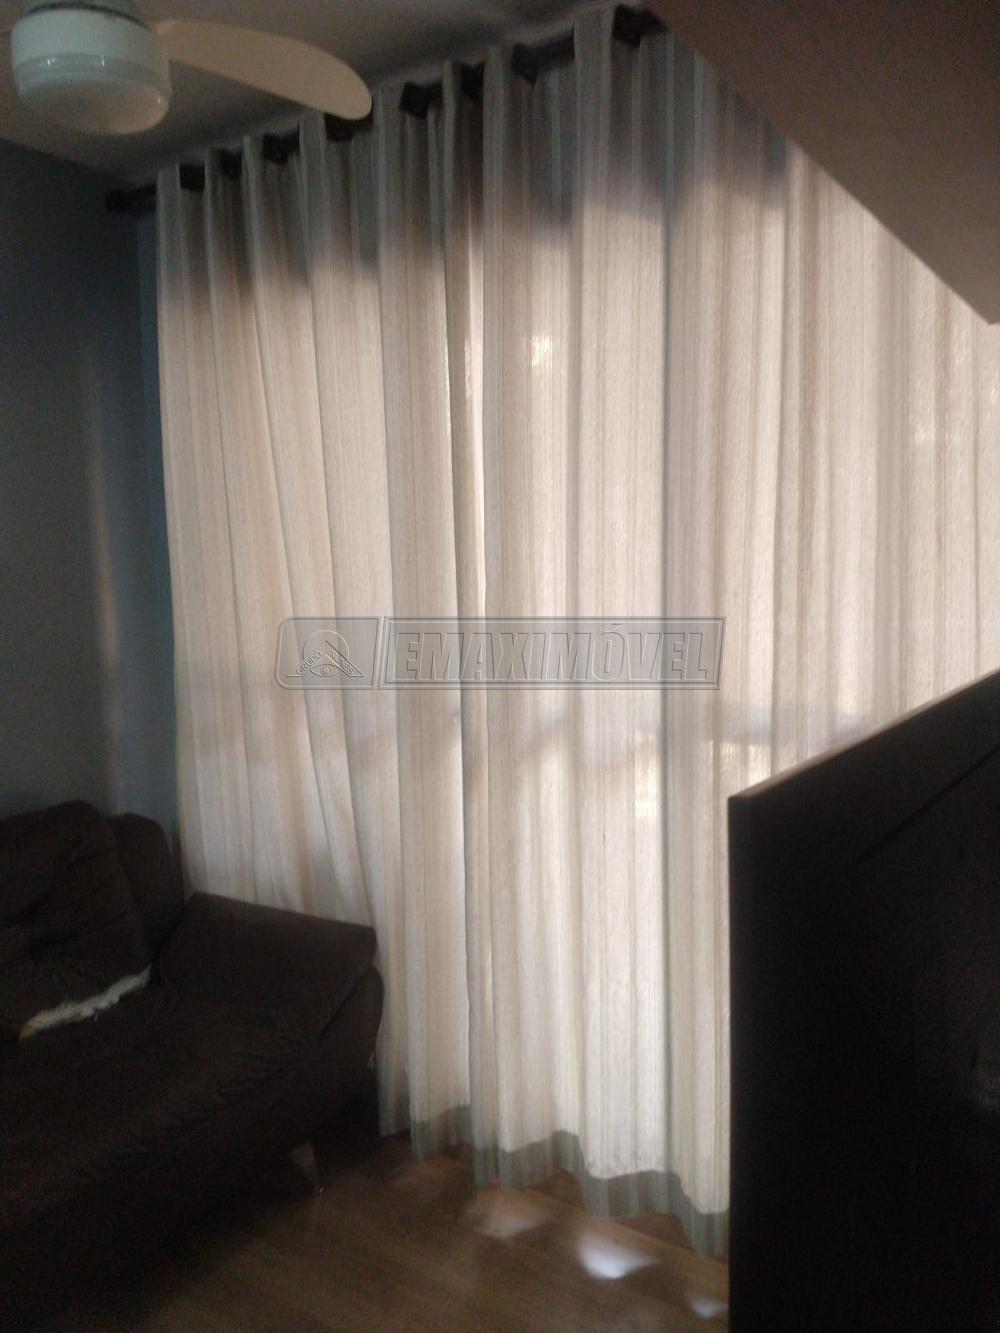 Comprar Apartamento / Padrão em Sorocaba R$ 345.000,00 - Foto 2